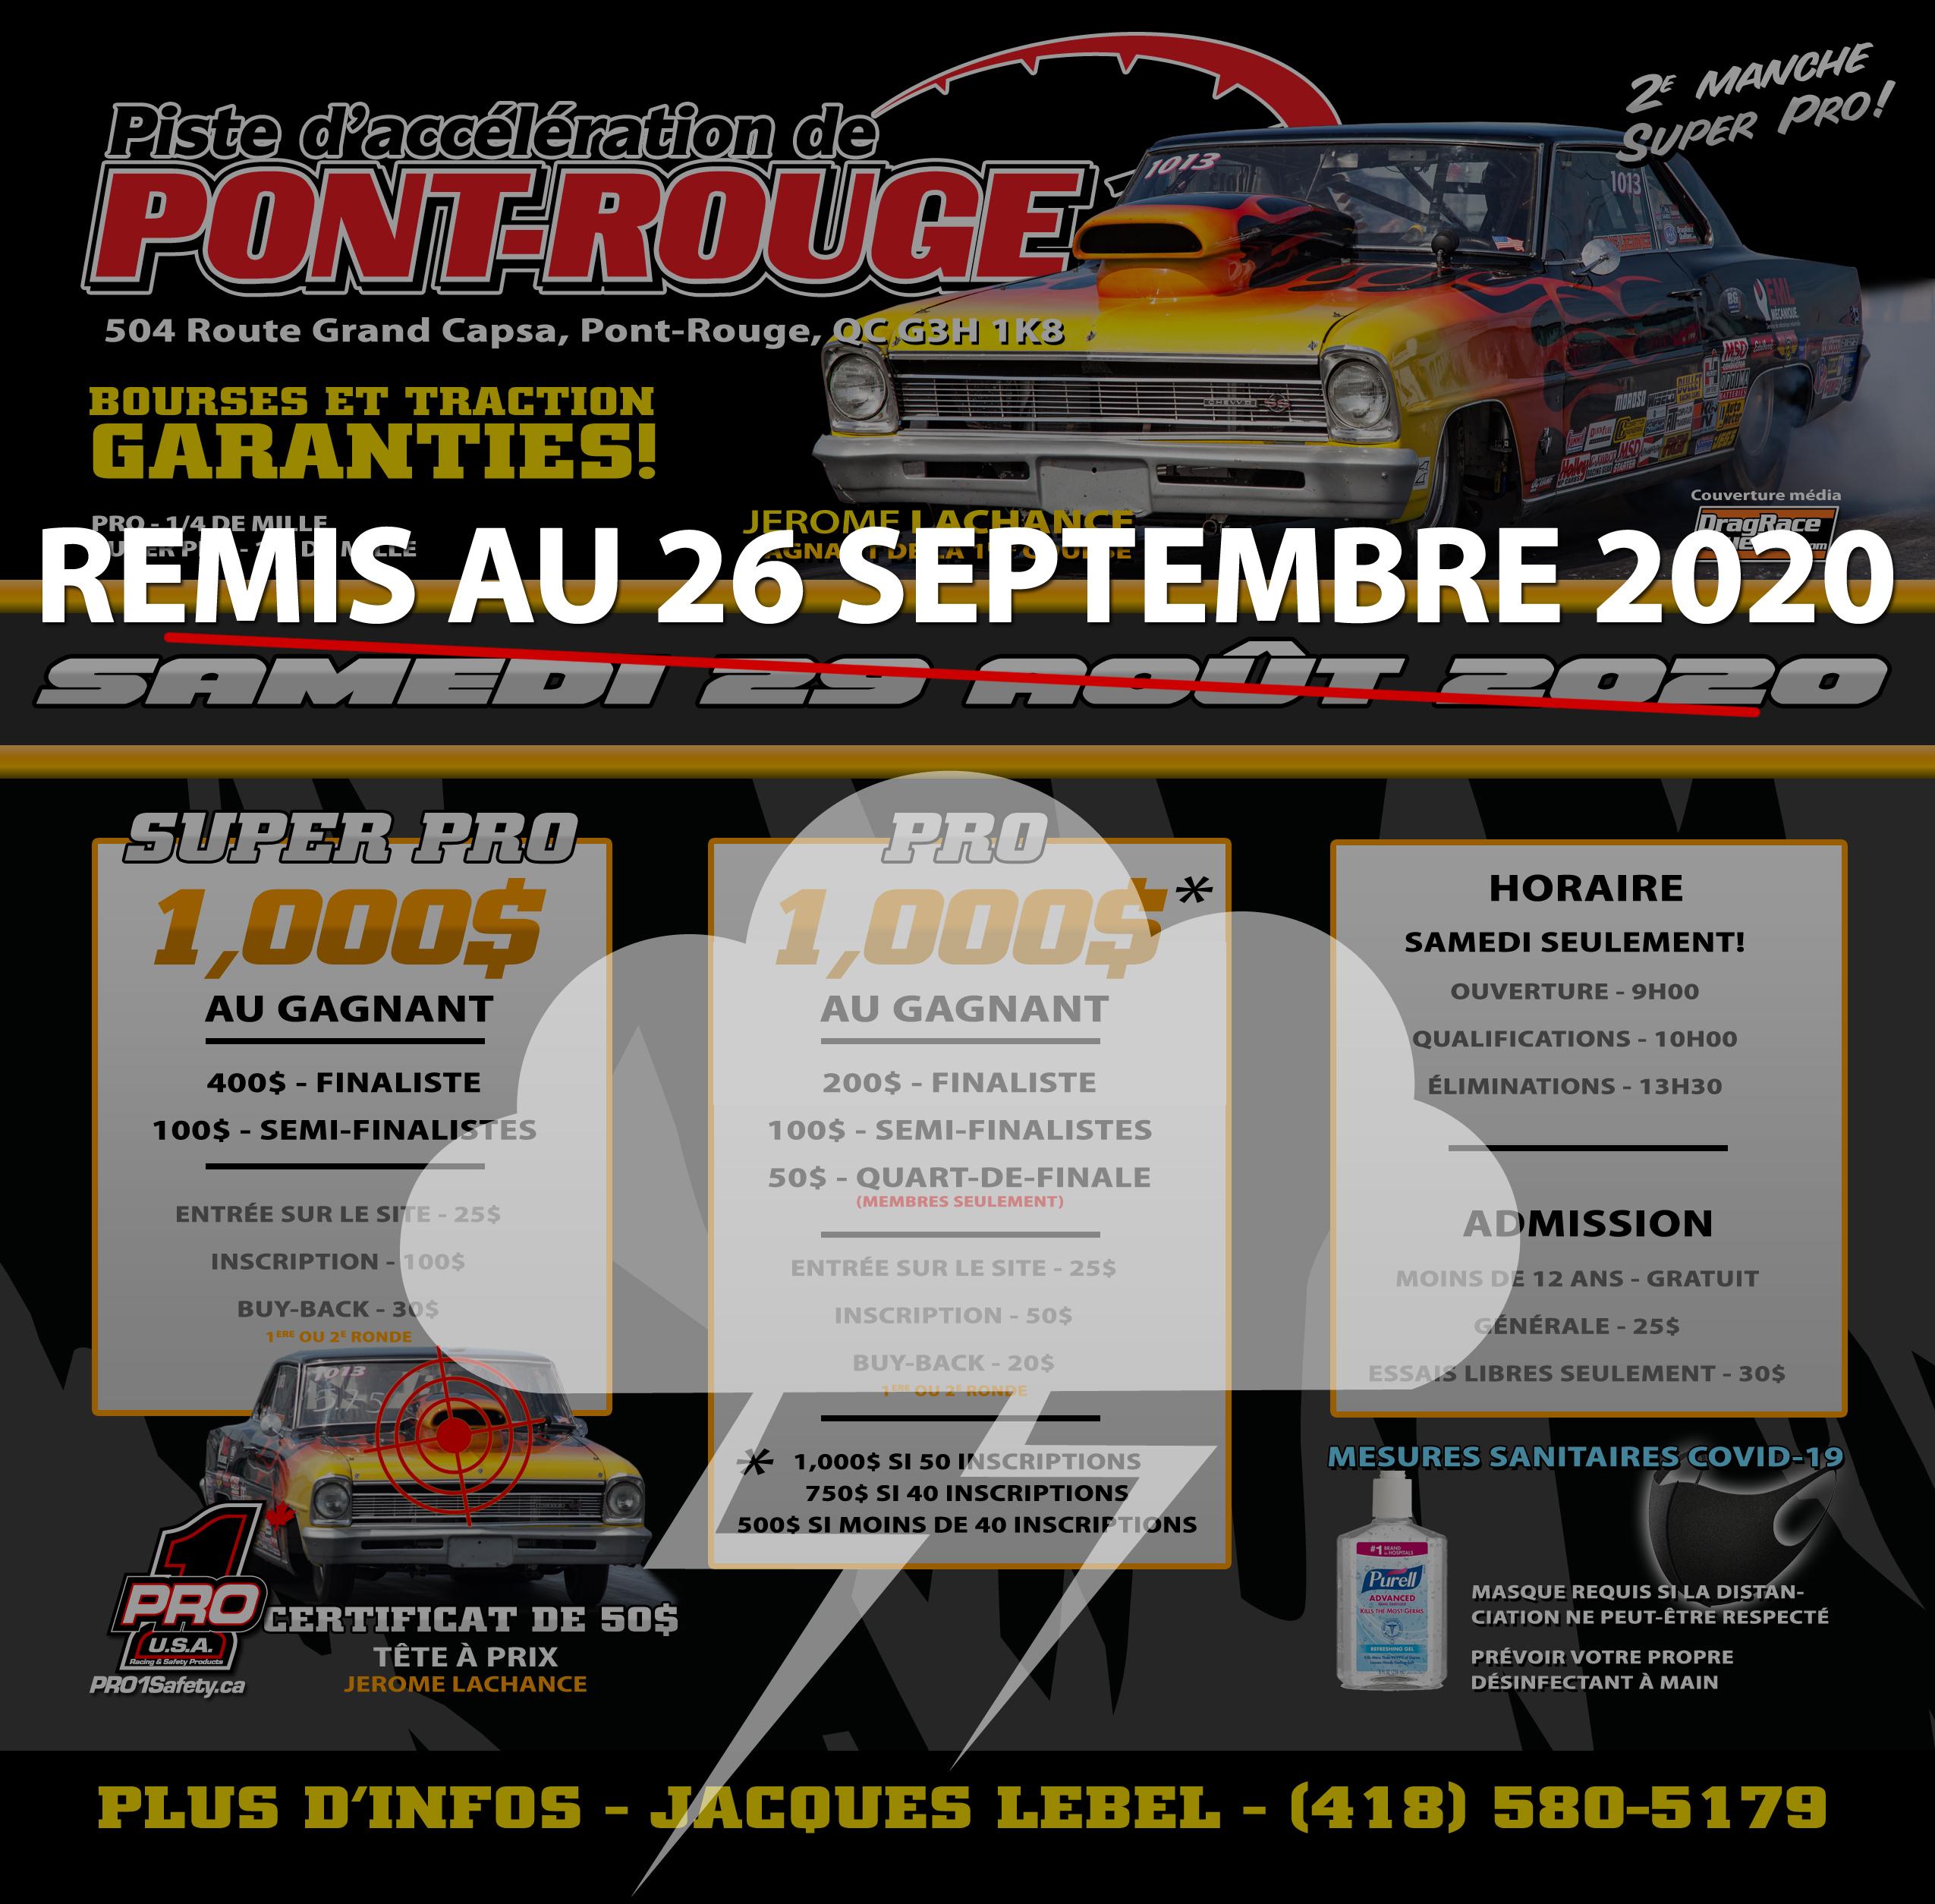 2020-08-20 Flyer Pont-Rouge 2